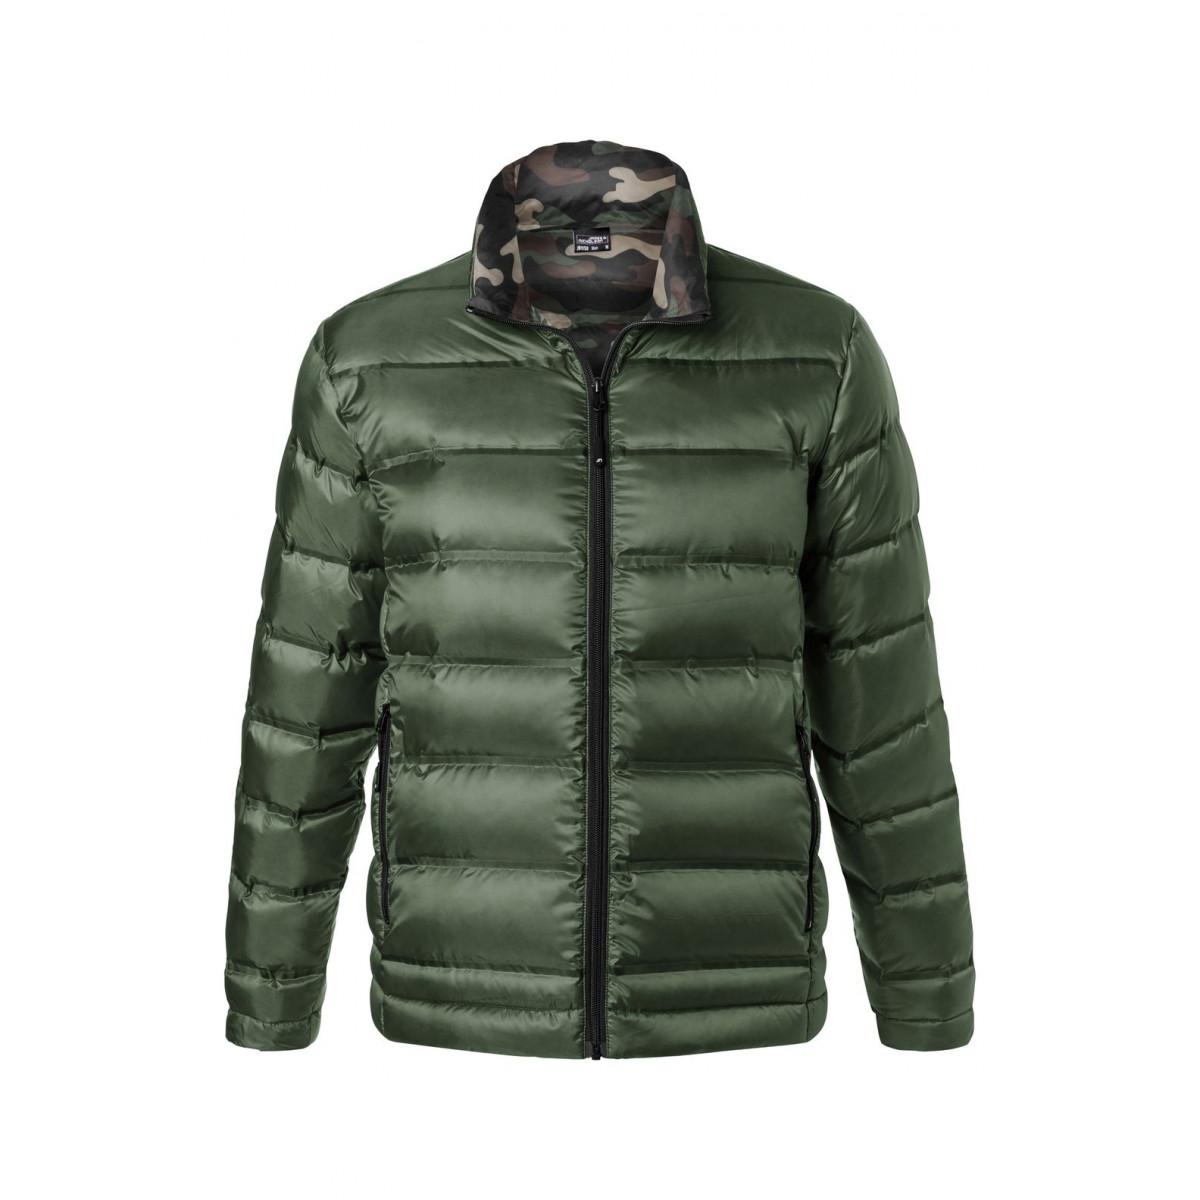 Куртка мужская JN1150 Mens Down Jacket - Оливковый/Камуфляж